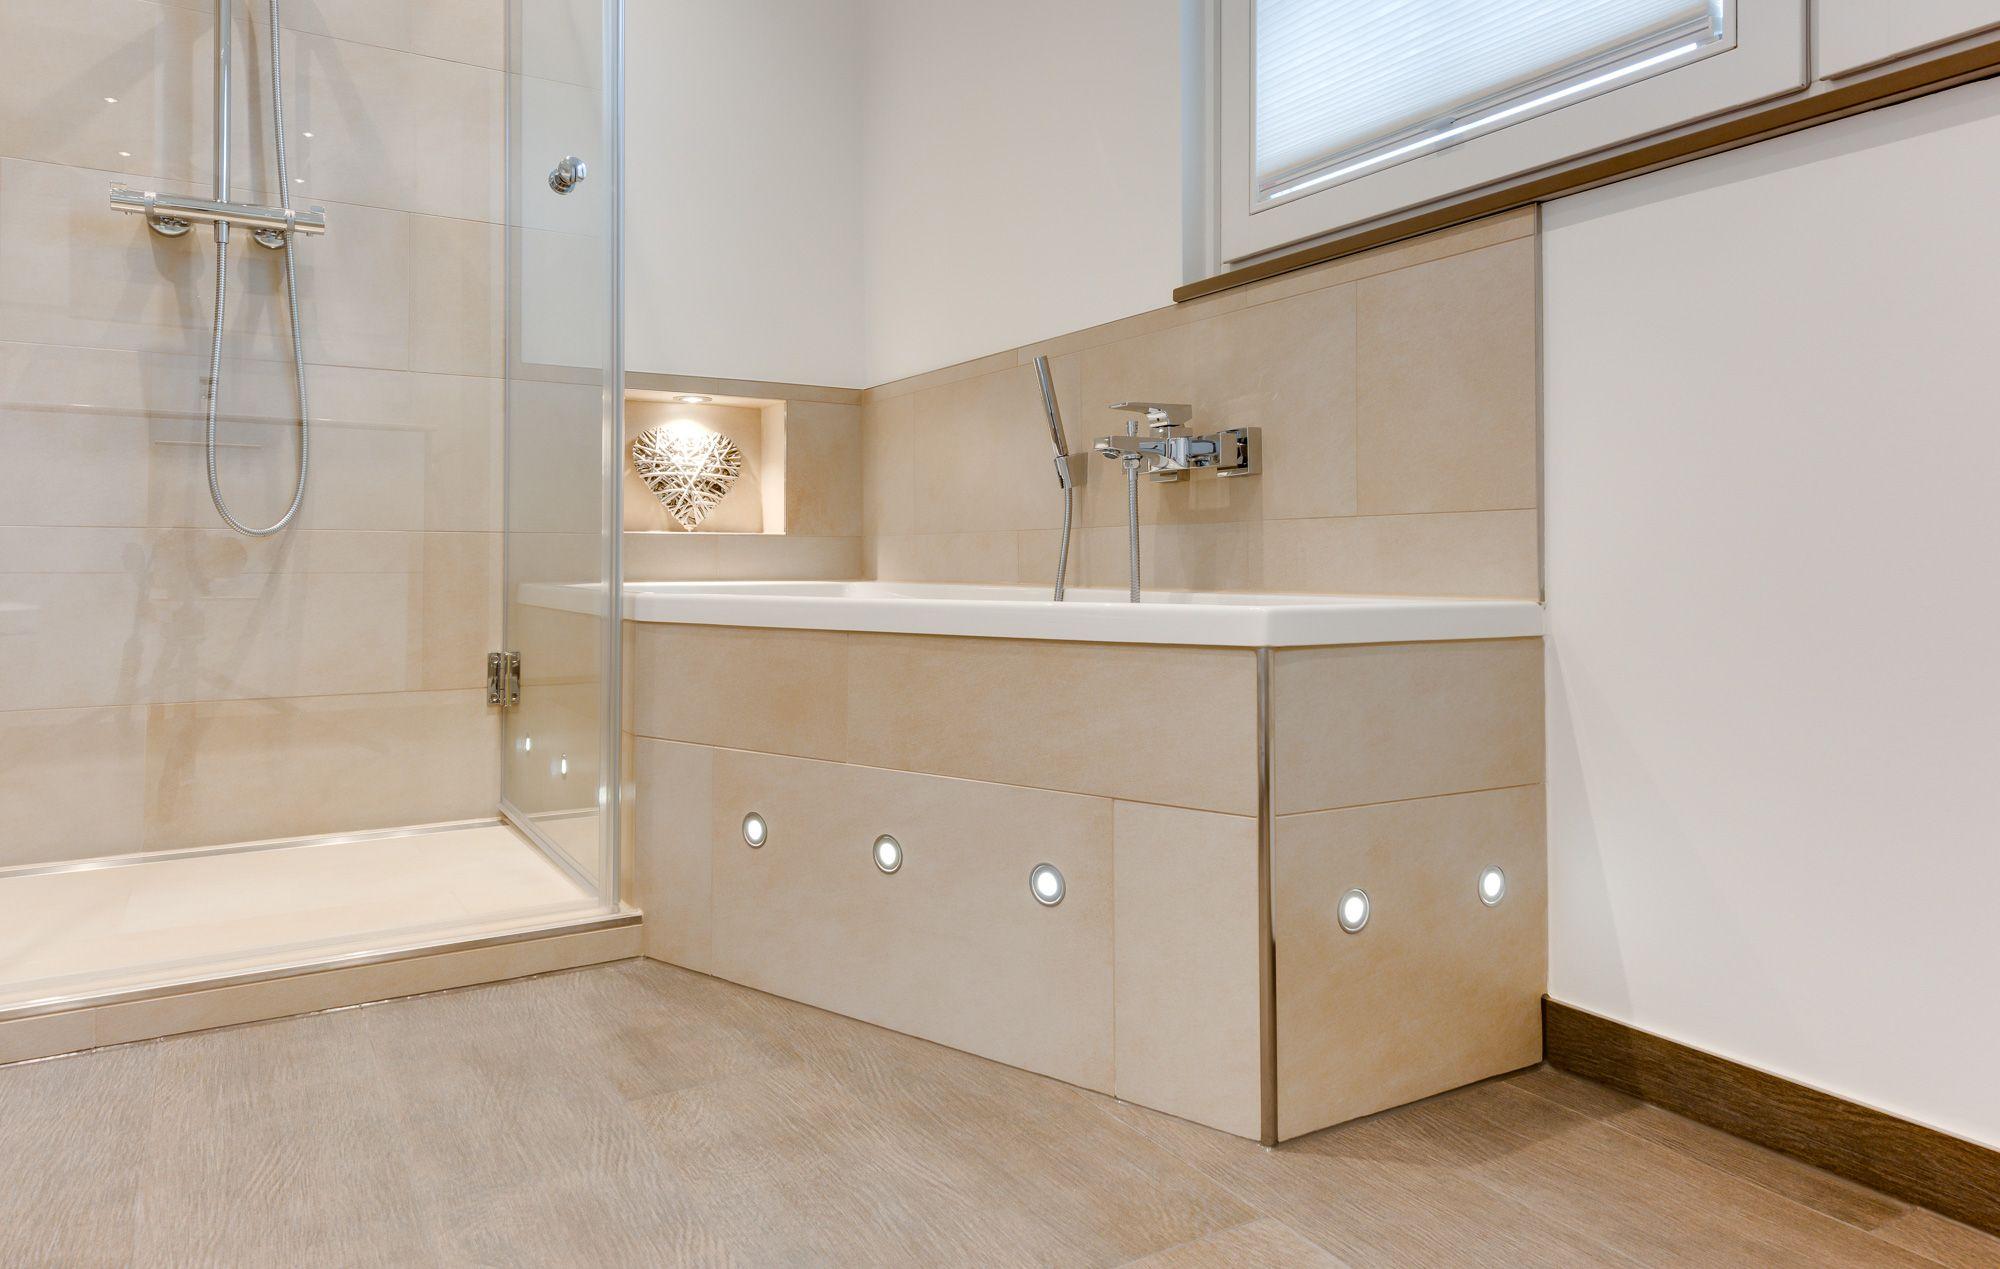 Die Badewanne Ladt Ein Zu Gemutlichen Wellnesszeiten Stimmungsvolles Licht Bringen Die Integrierten Led Lichter Die Harm Glasduschen Badezimmer Badgestaltung